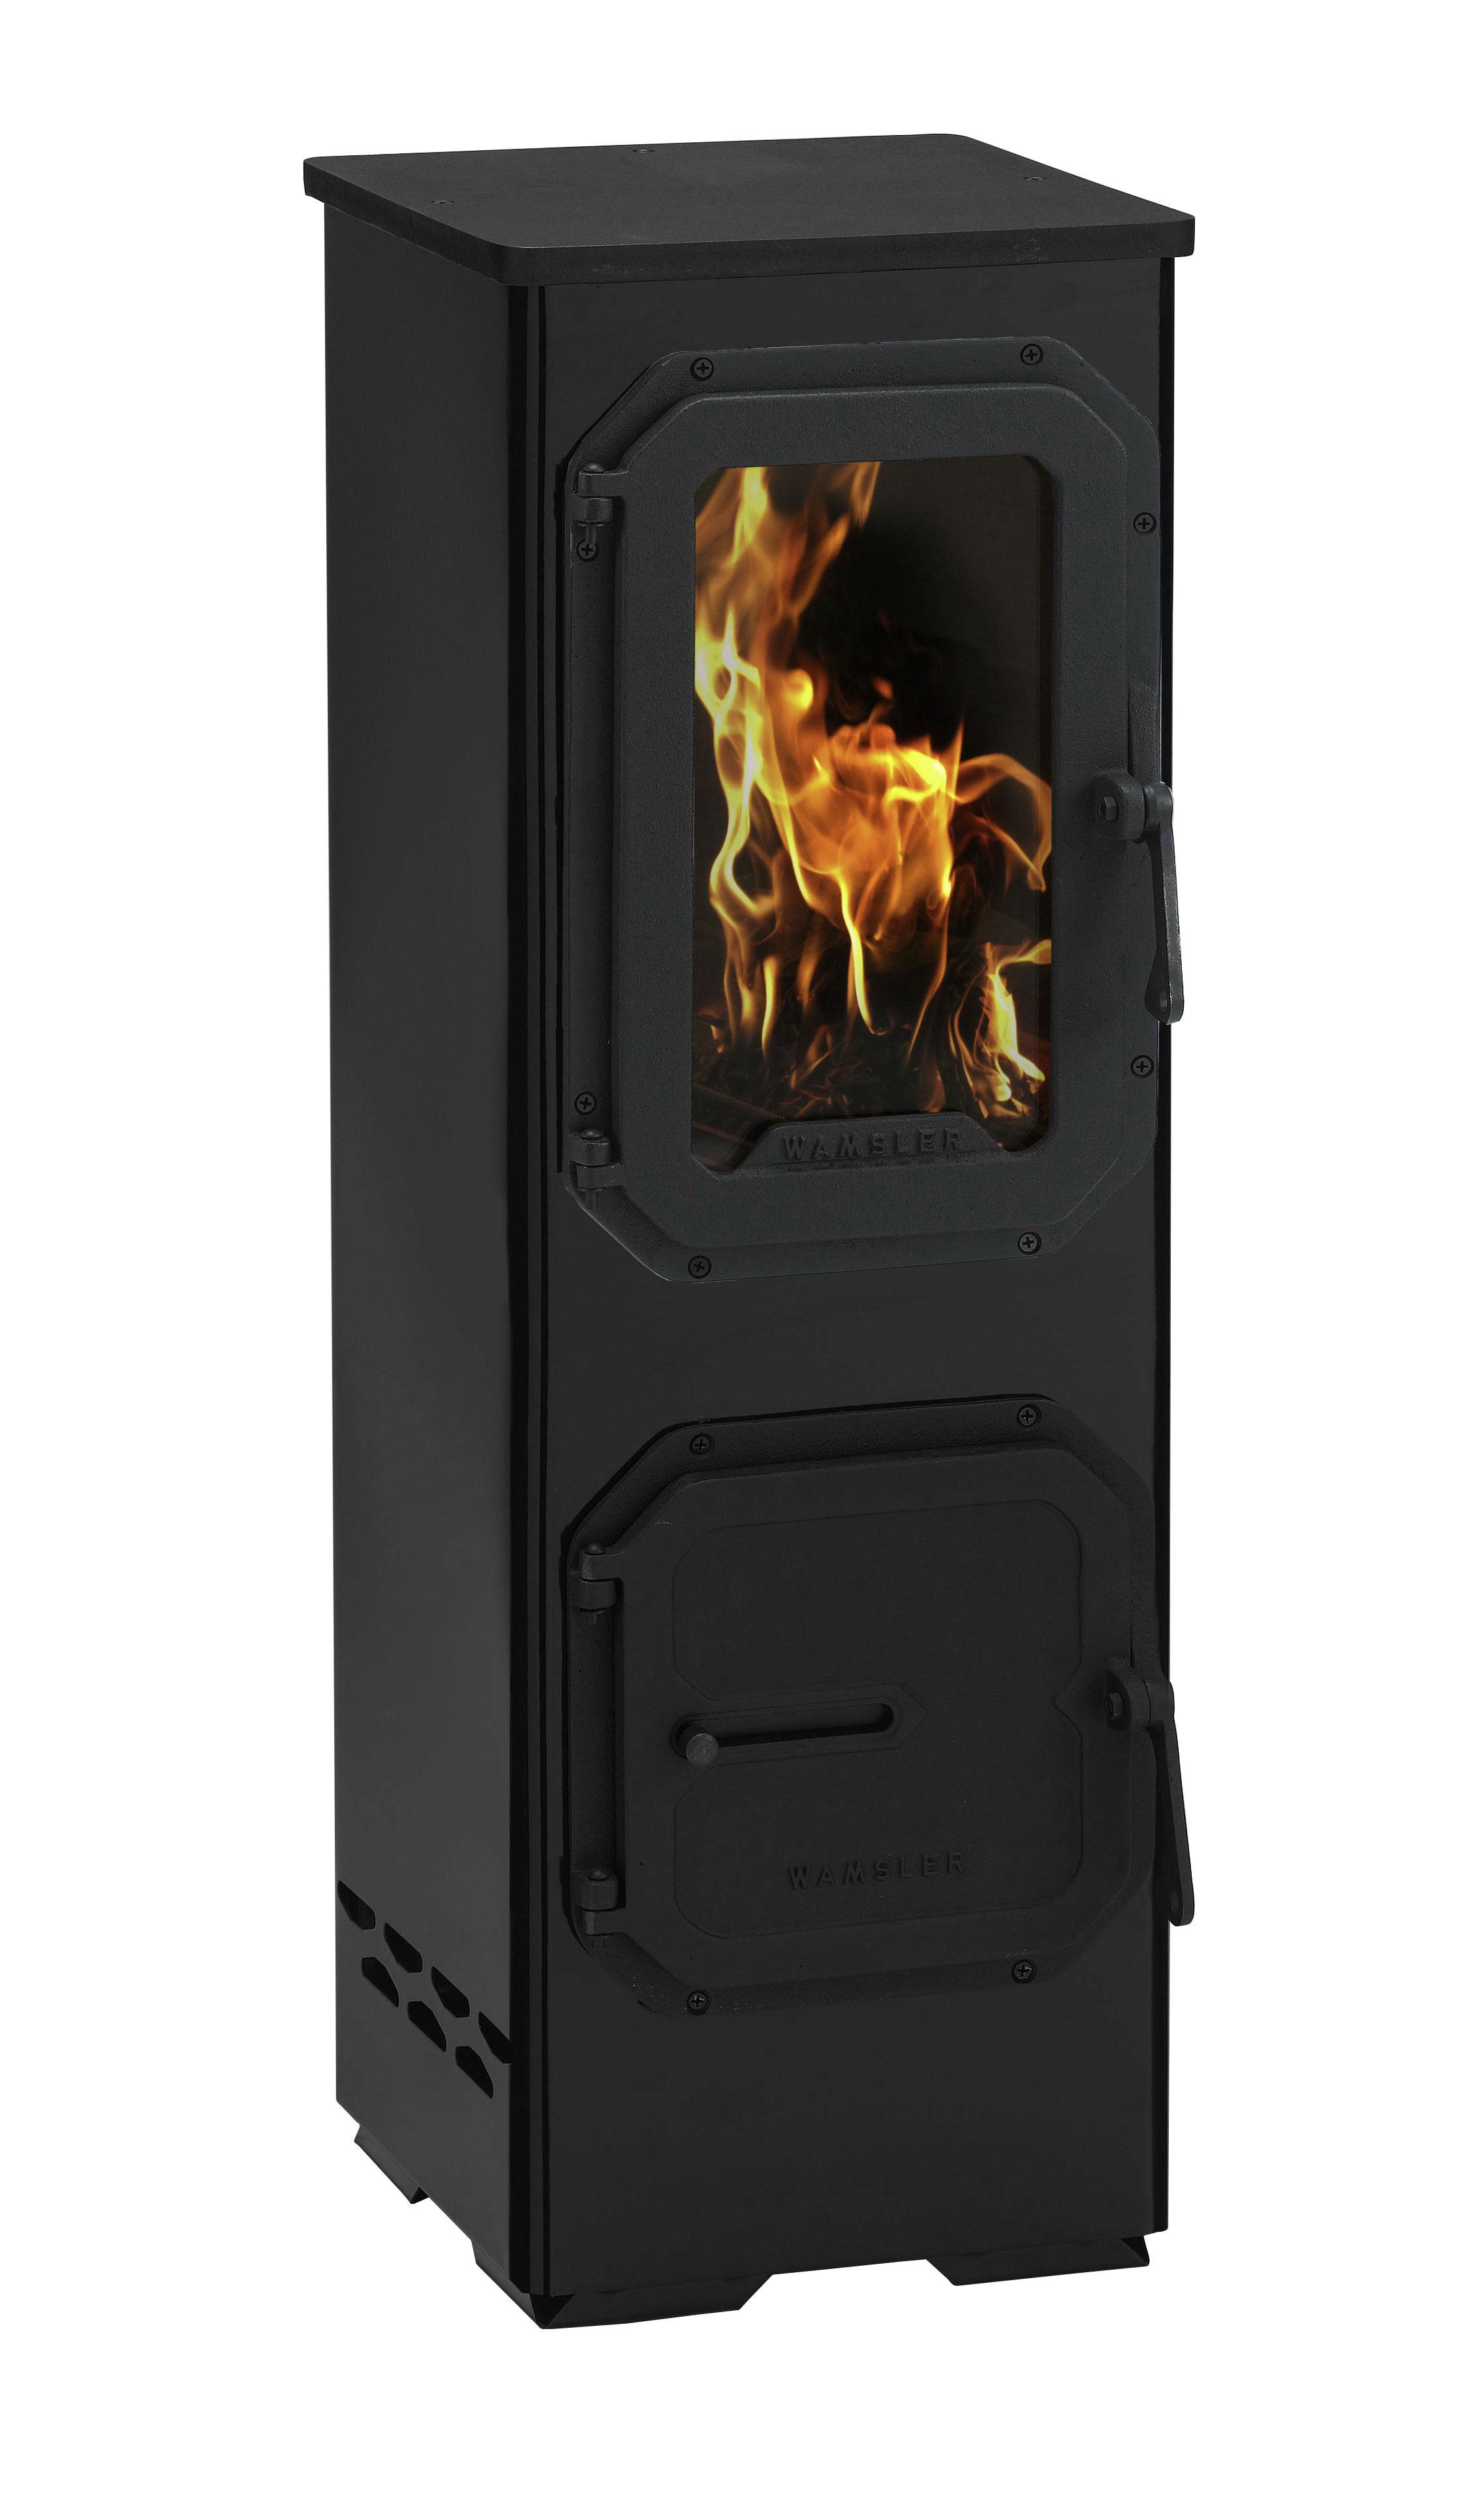 werkstattofen kaminofen wamsler colorado schwarz 5 kw bei. Black Bedroom Furniture Sets. Home Design Ideas